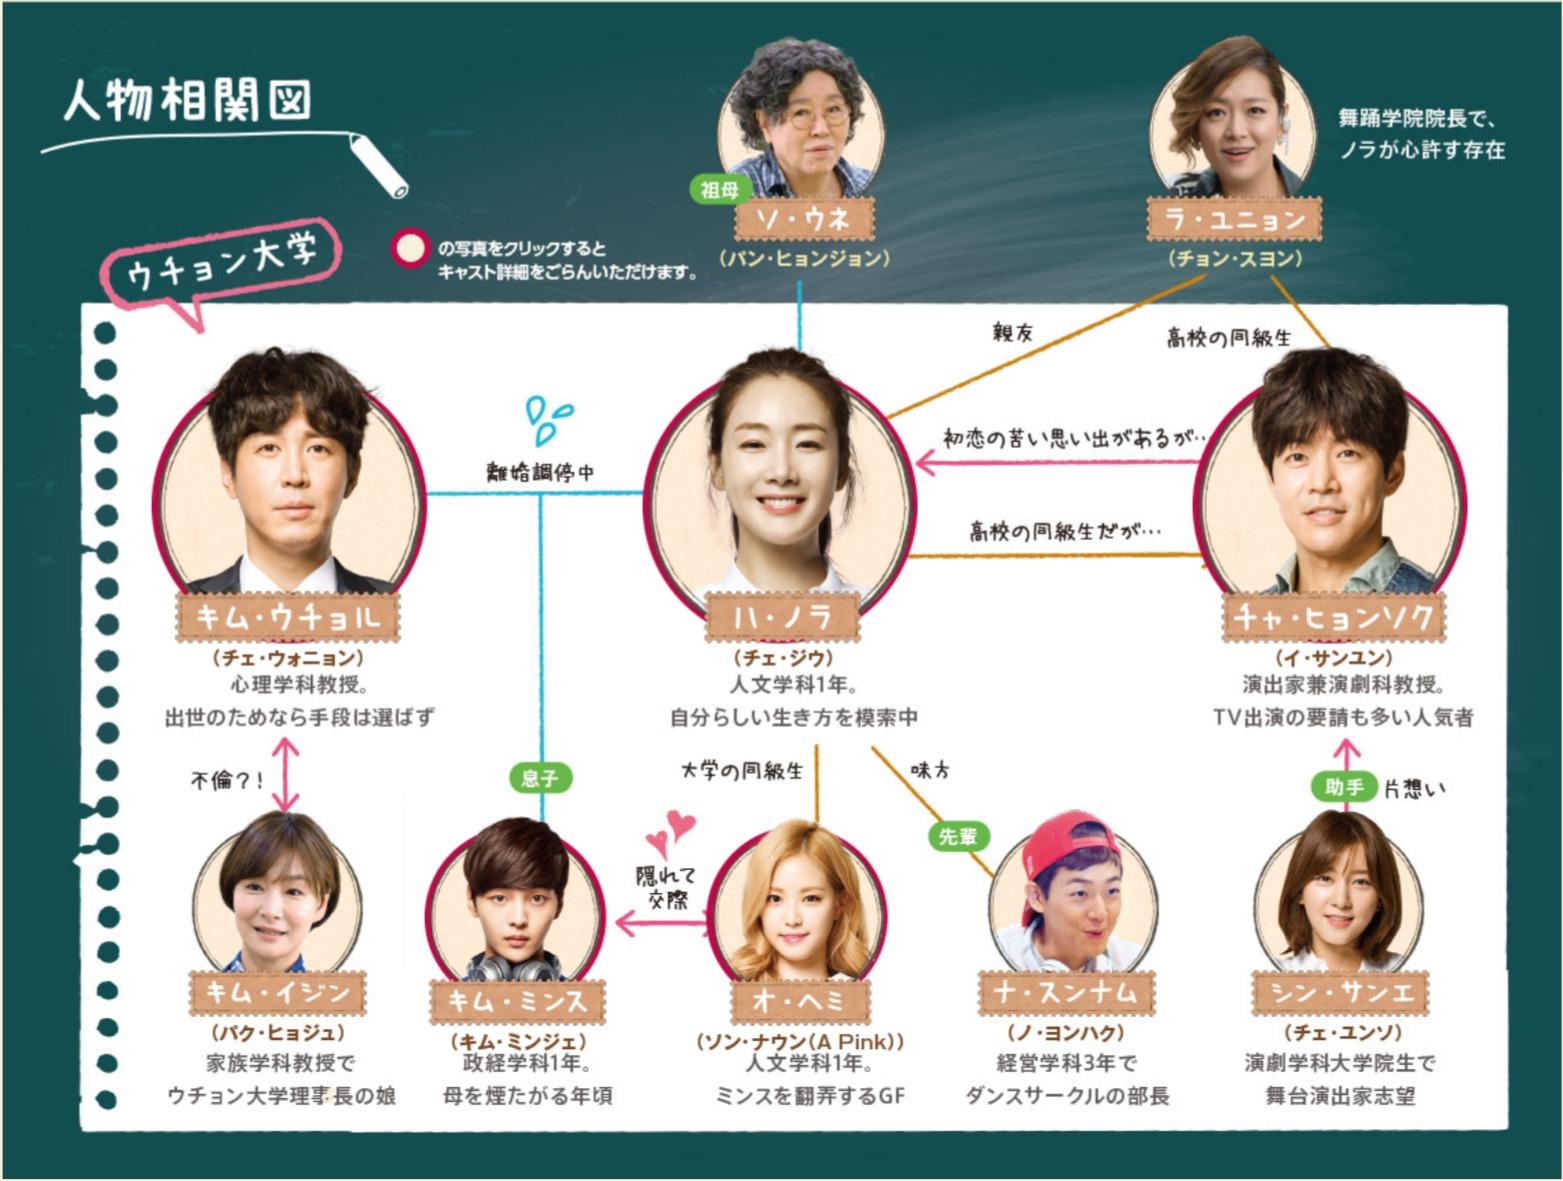 韓国ドラマ『2度目の二十歳』登場人物相関図(関係図)